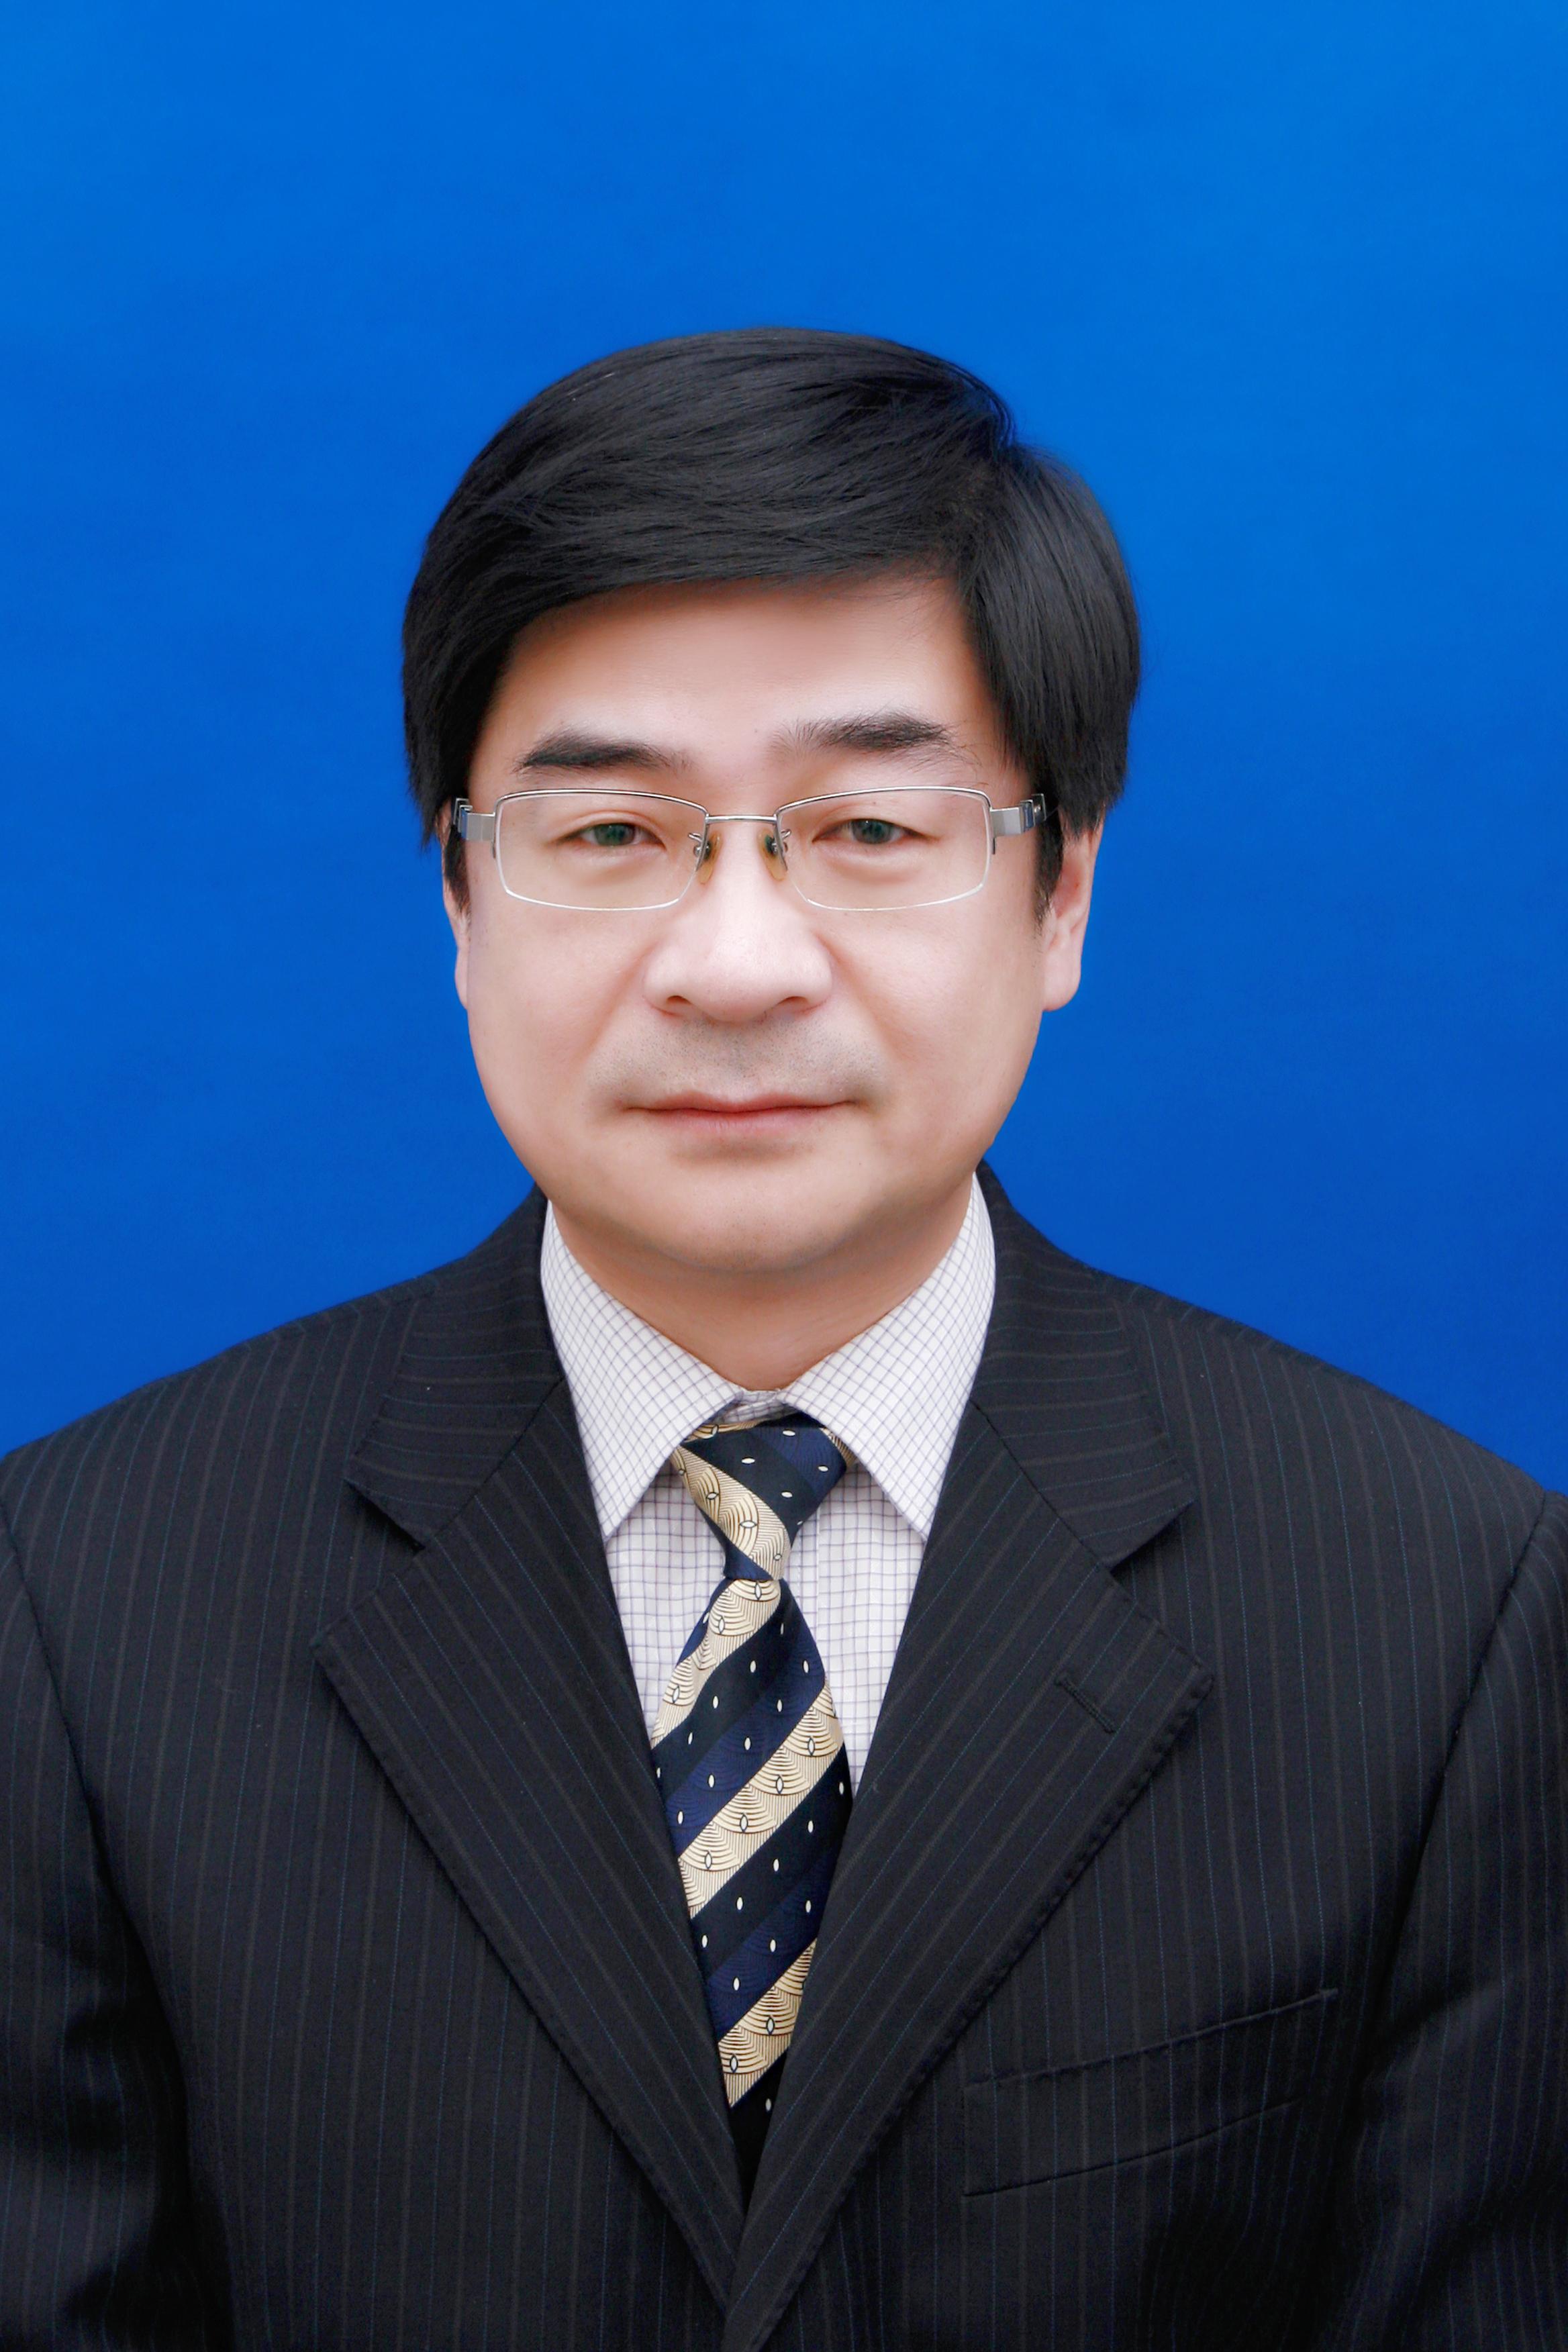 高松,男,汉族,1970年7月出生, 1991年10月参加工作,非党,硕士研究生